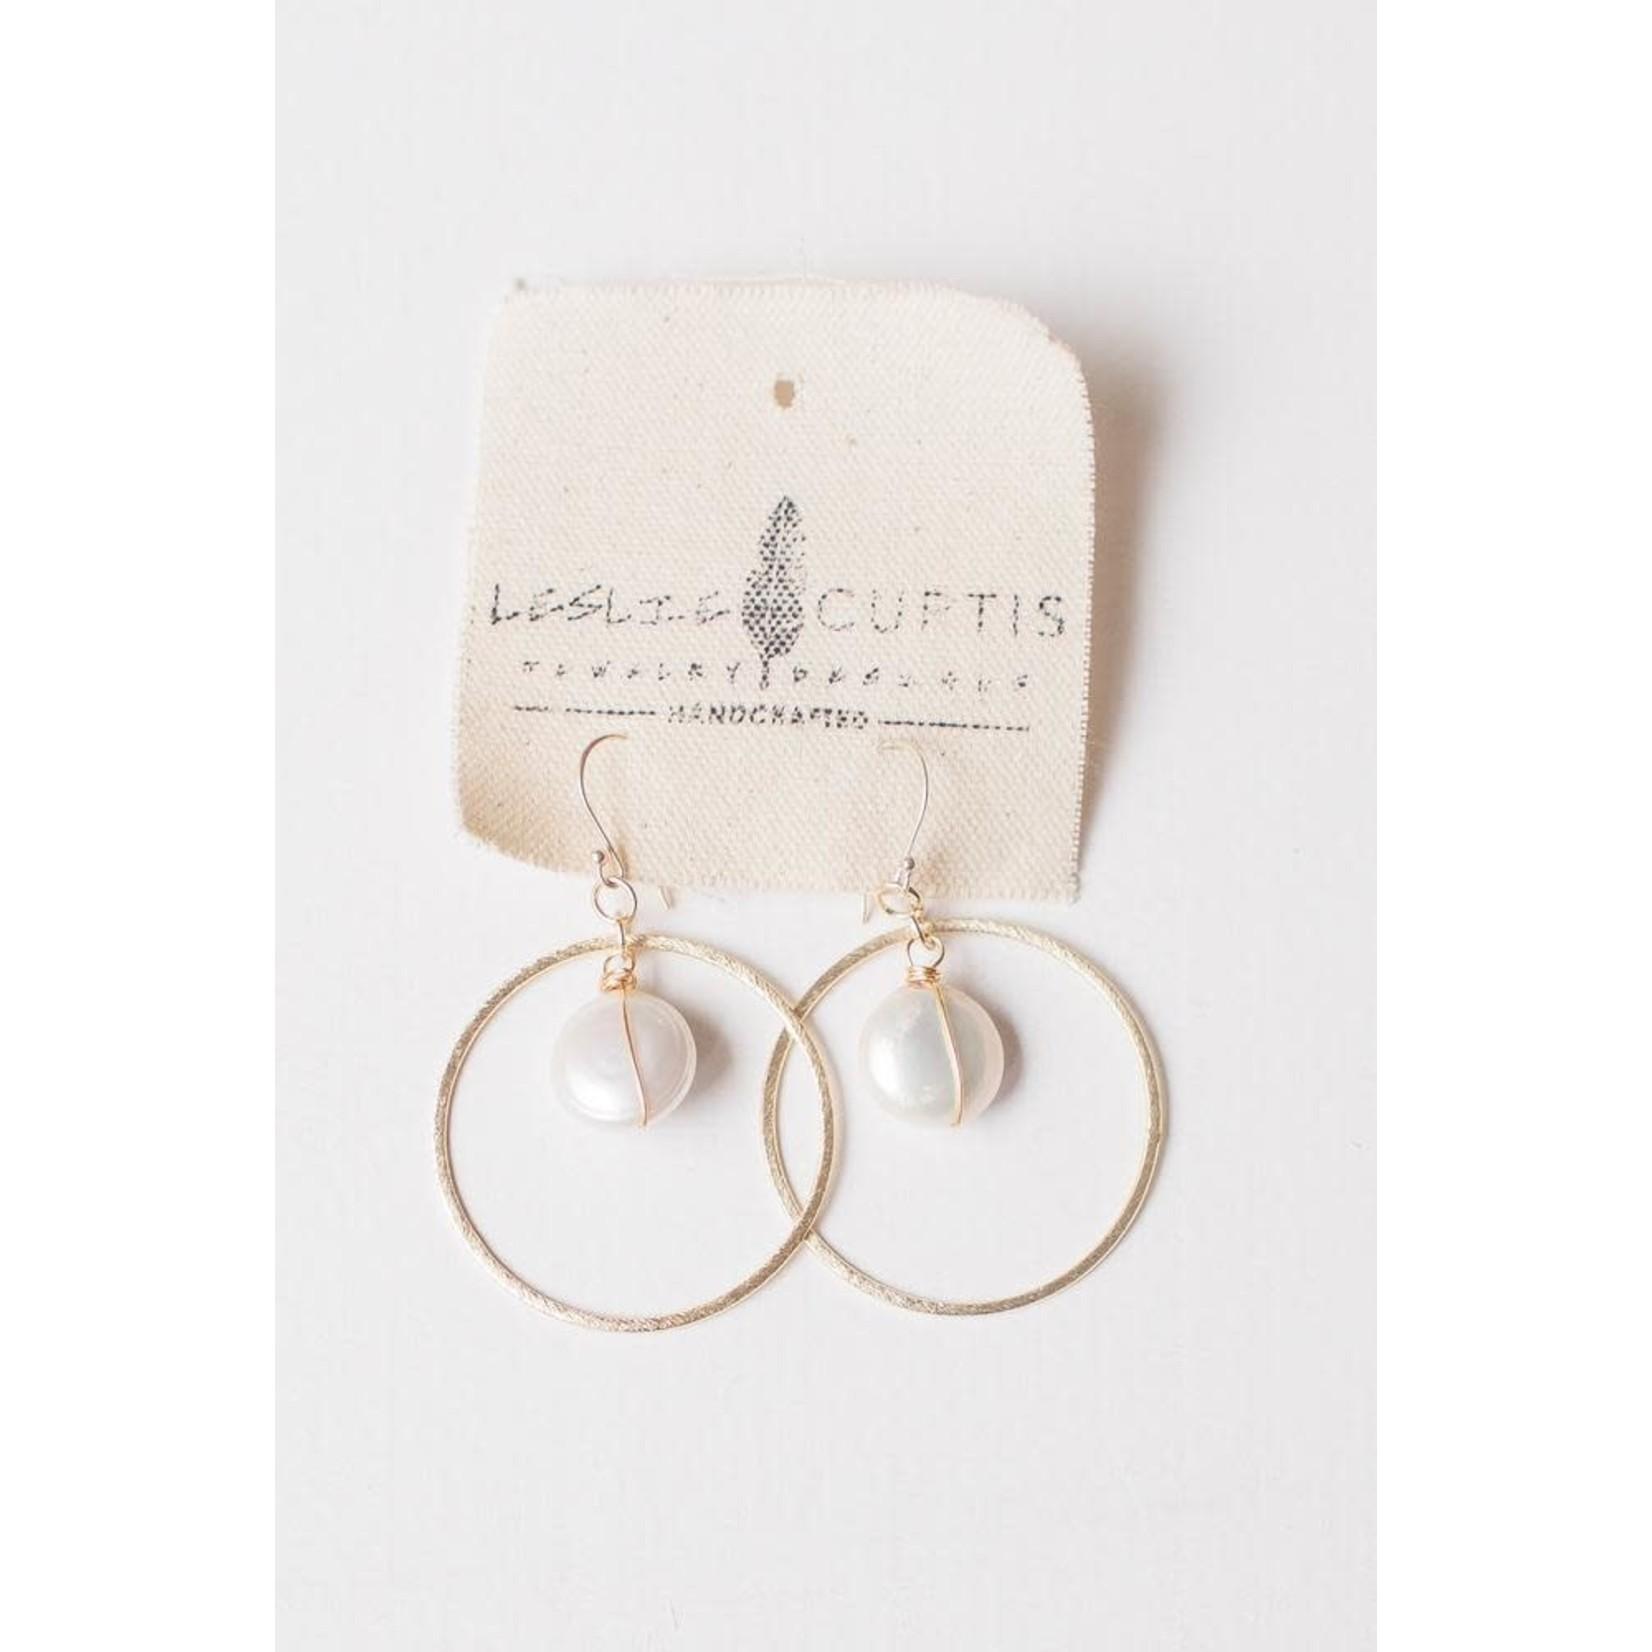 Leslie Curtis Jewelry Designs Willow Pearl Hoop Earrings in Gold